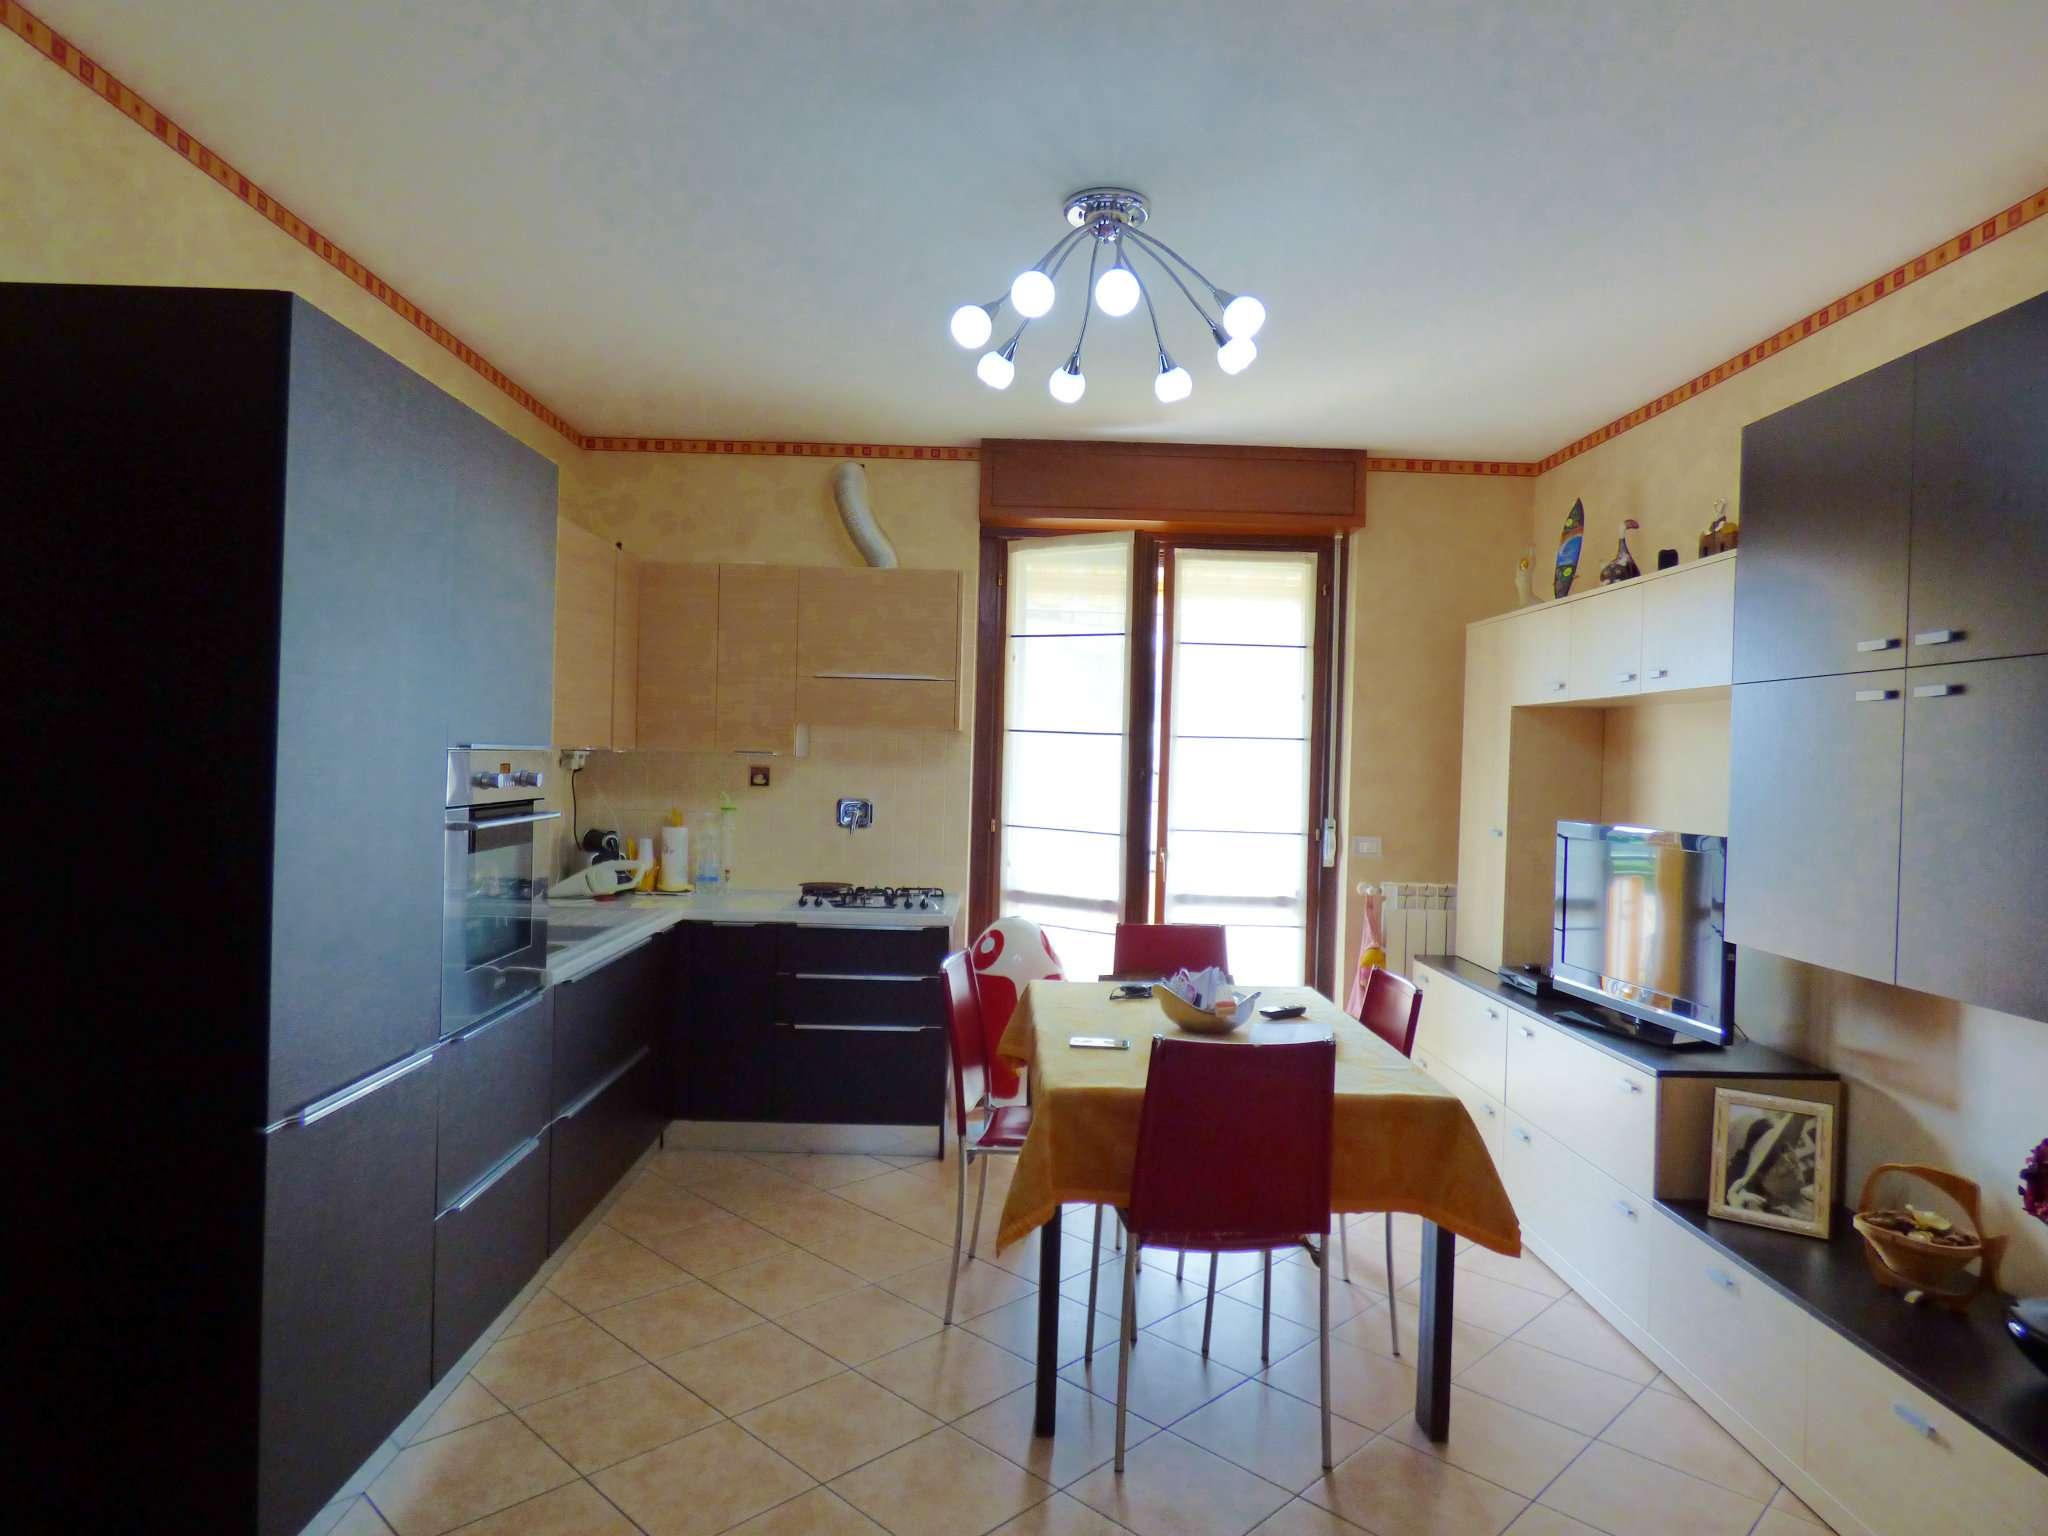 Appartamento in vendita a Borgaro Torinese, 3 locali, prezzo € 158.000   CambioCasa.it